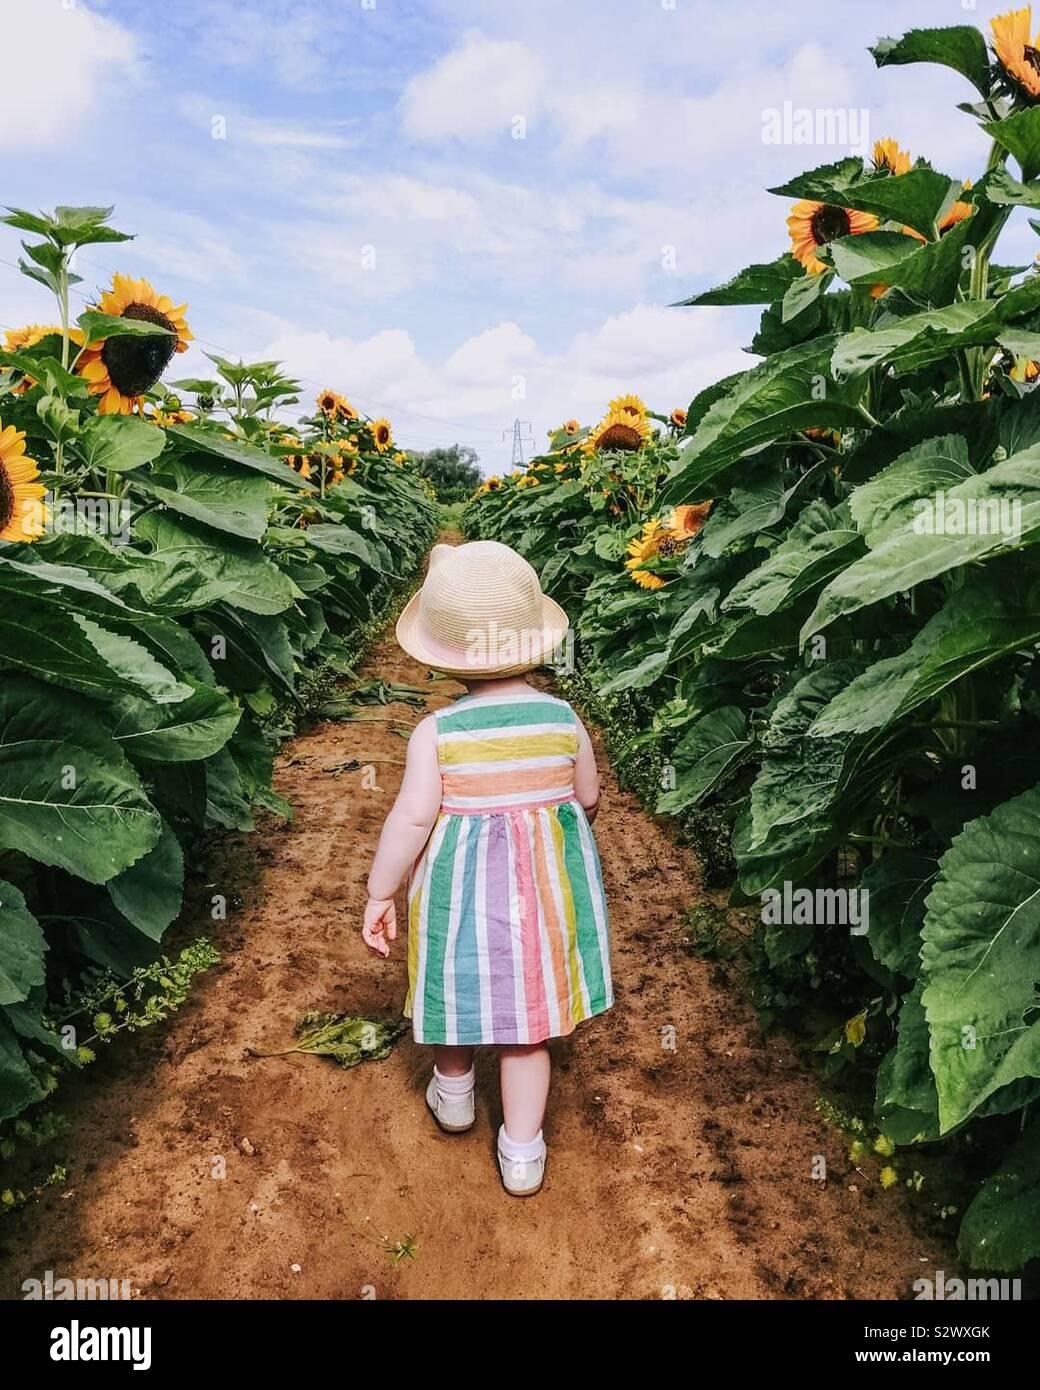 Kleine Mädchen zu Fuß in einem Feld mit Sonnenblumen Stockfoto